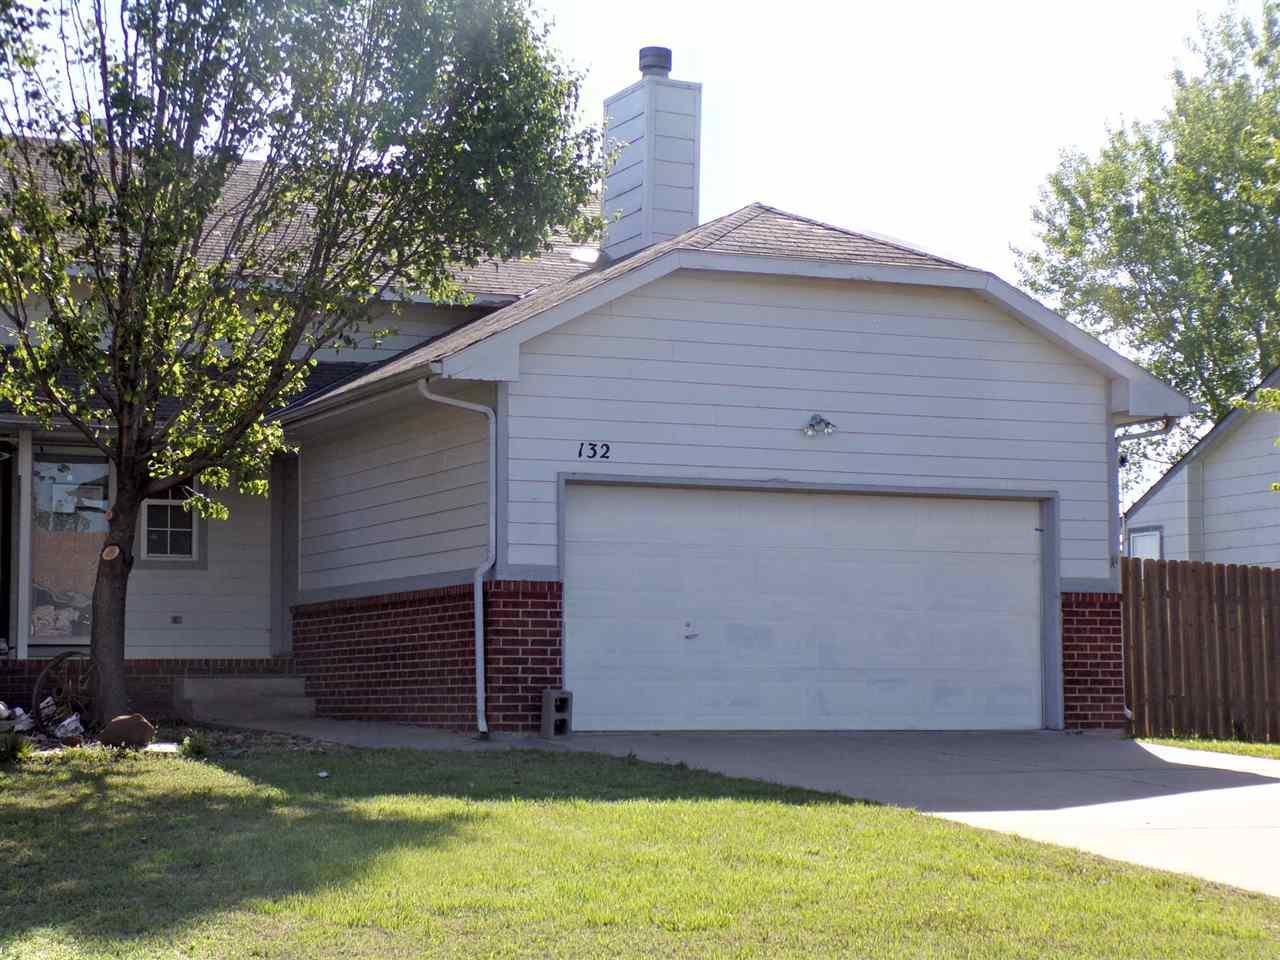 132 N Osage Rd, Derby, KS, 67037